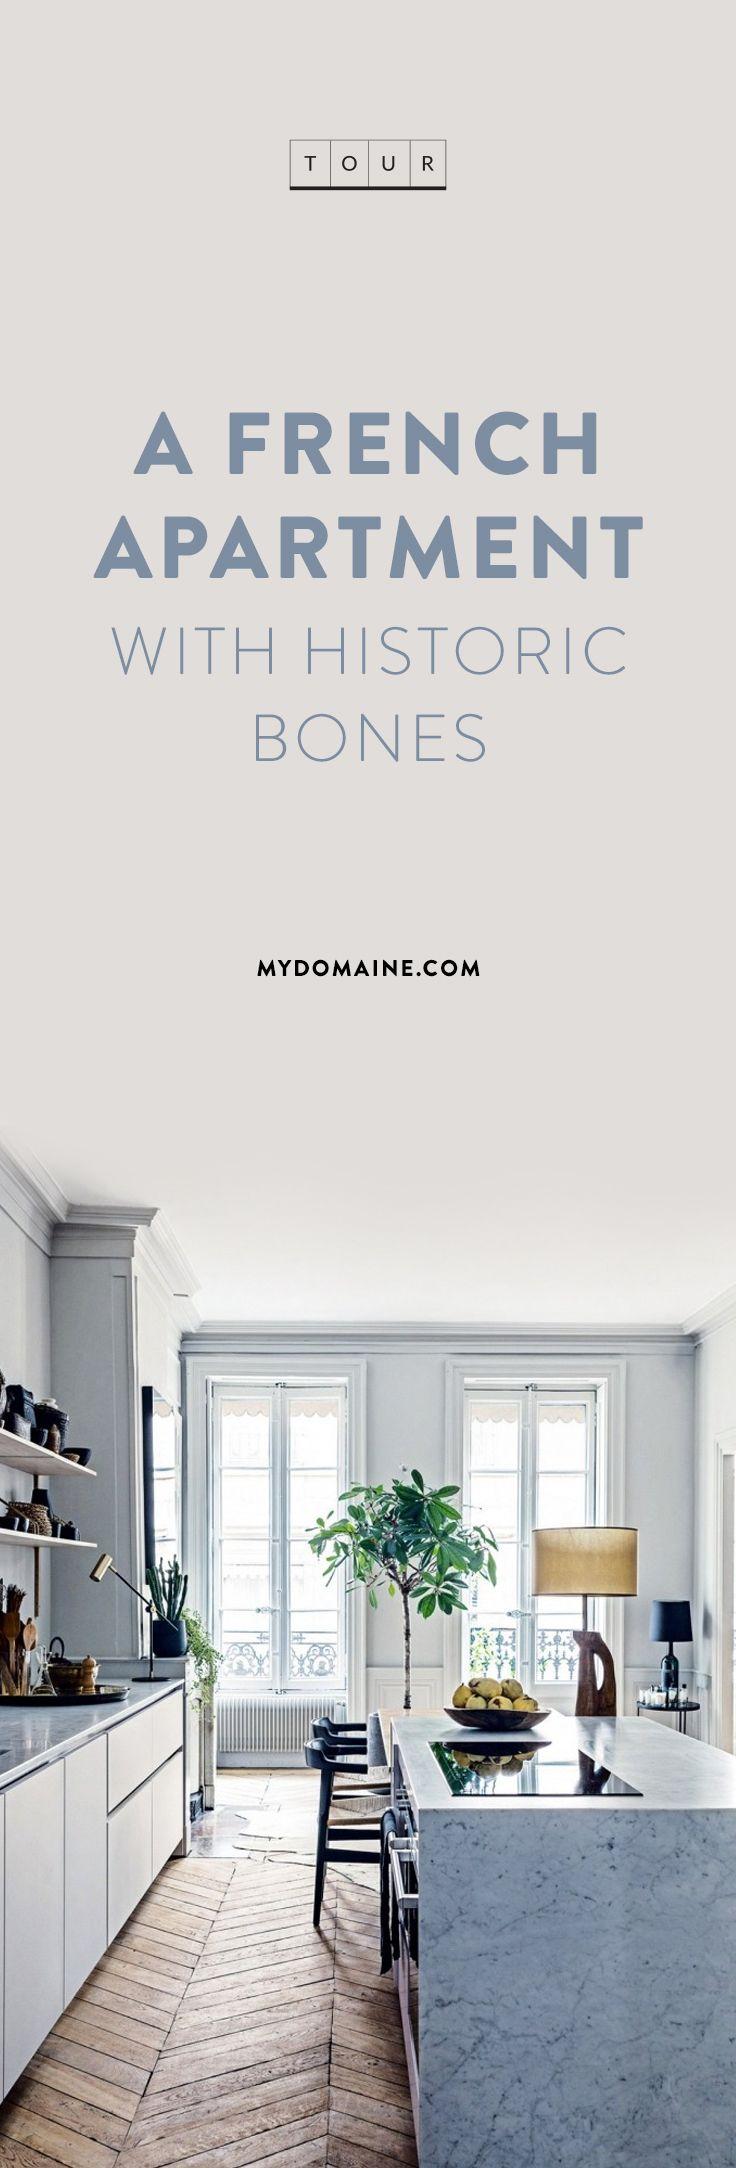 66 besten For the Home Bilder auf Pinterest | Stühle, Wohnen und ...